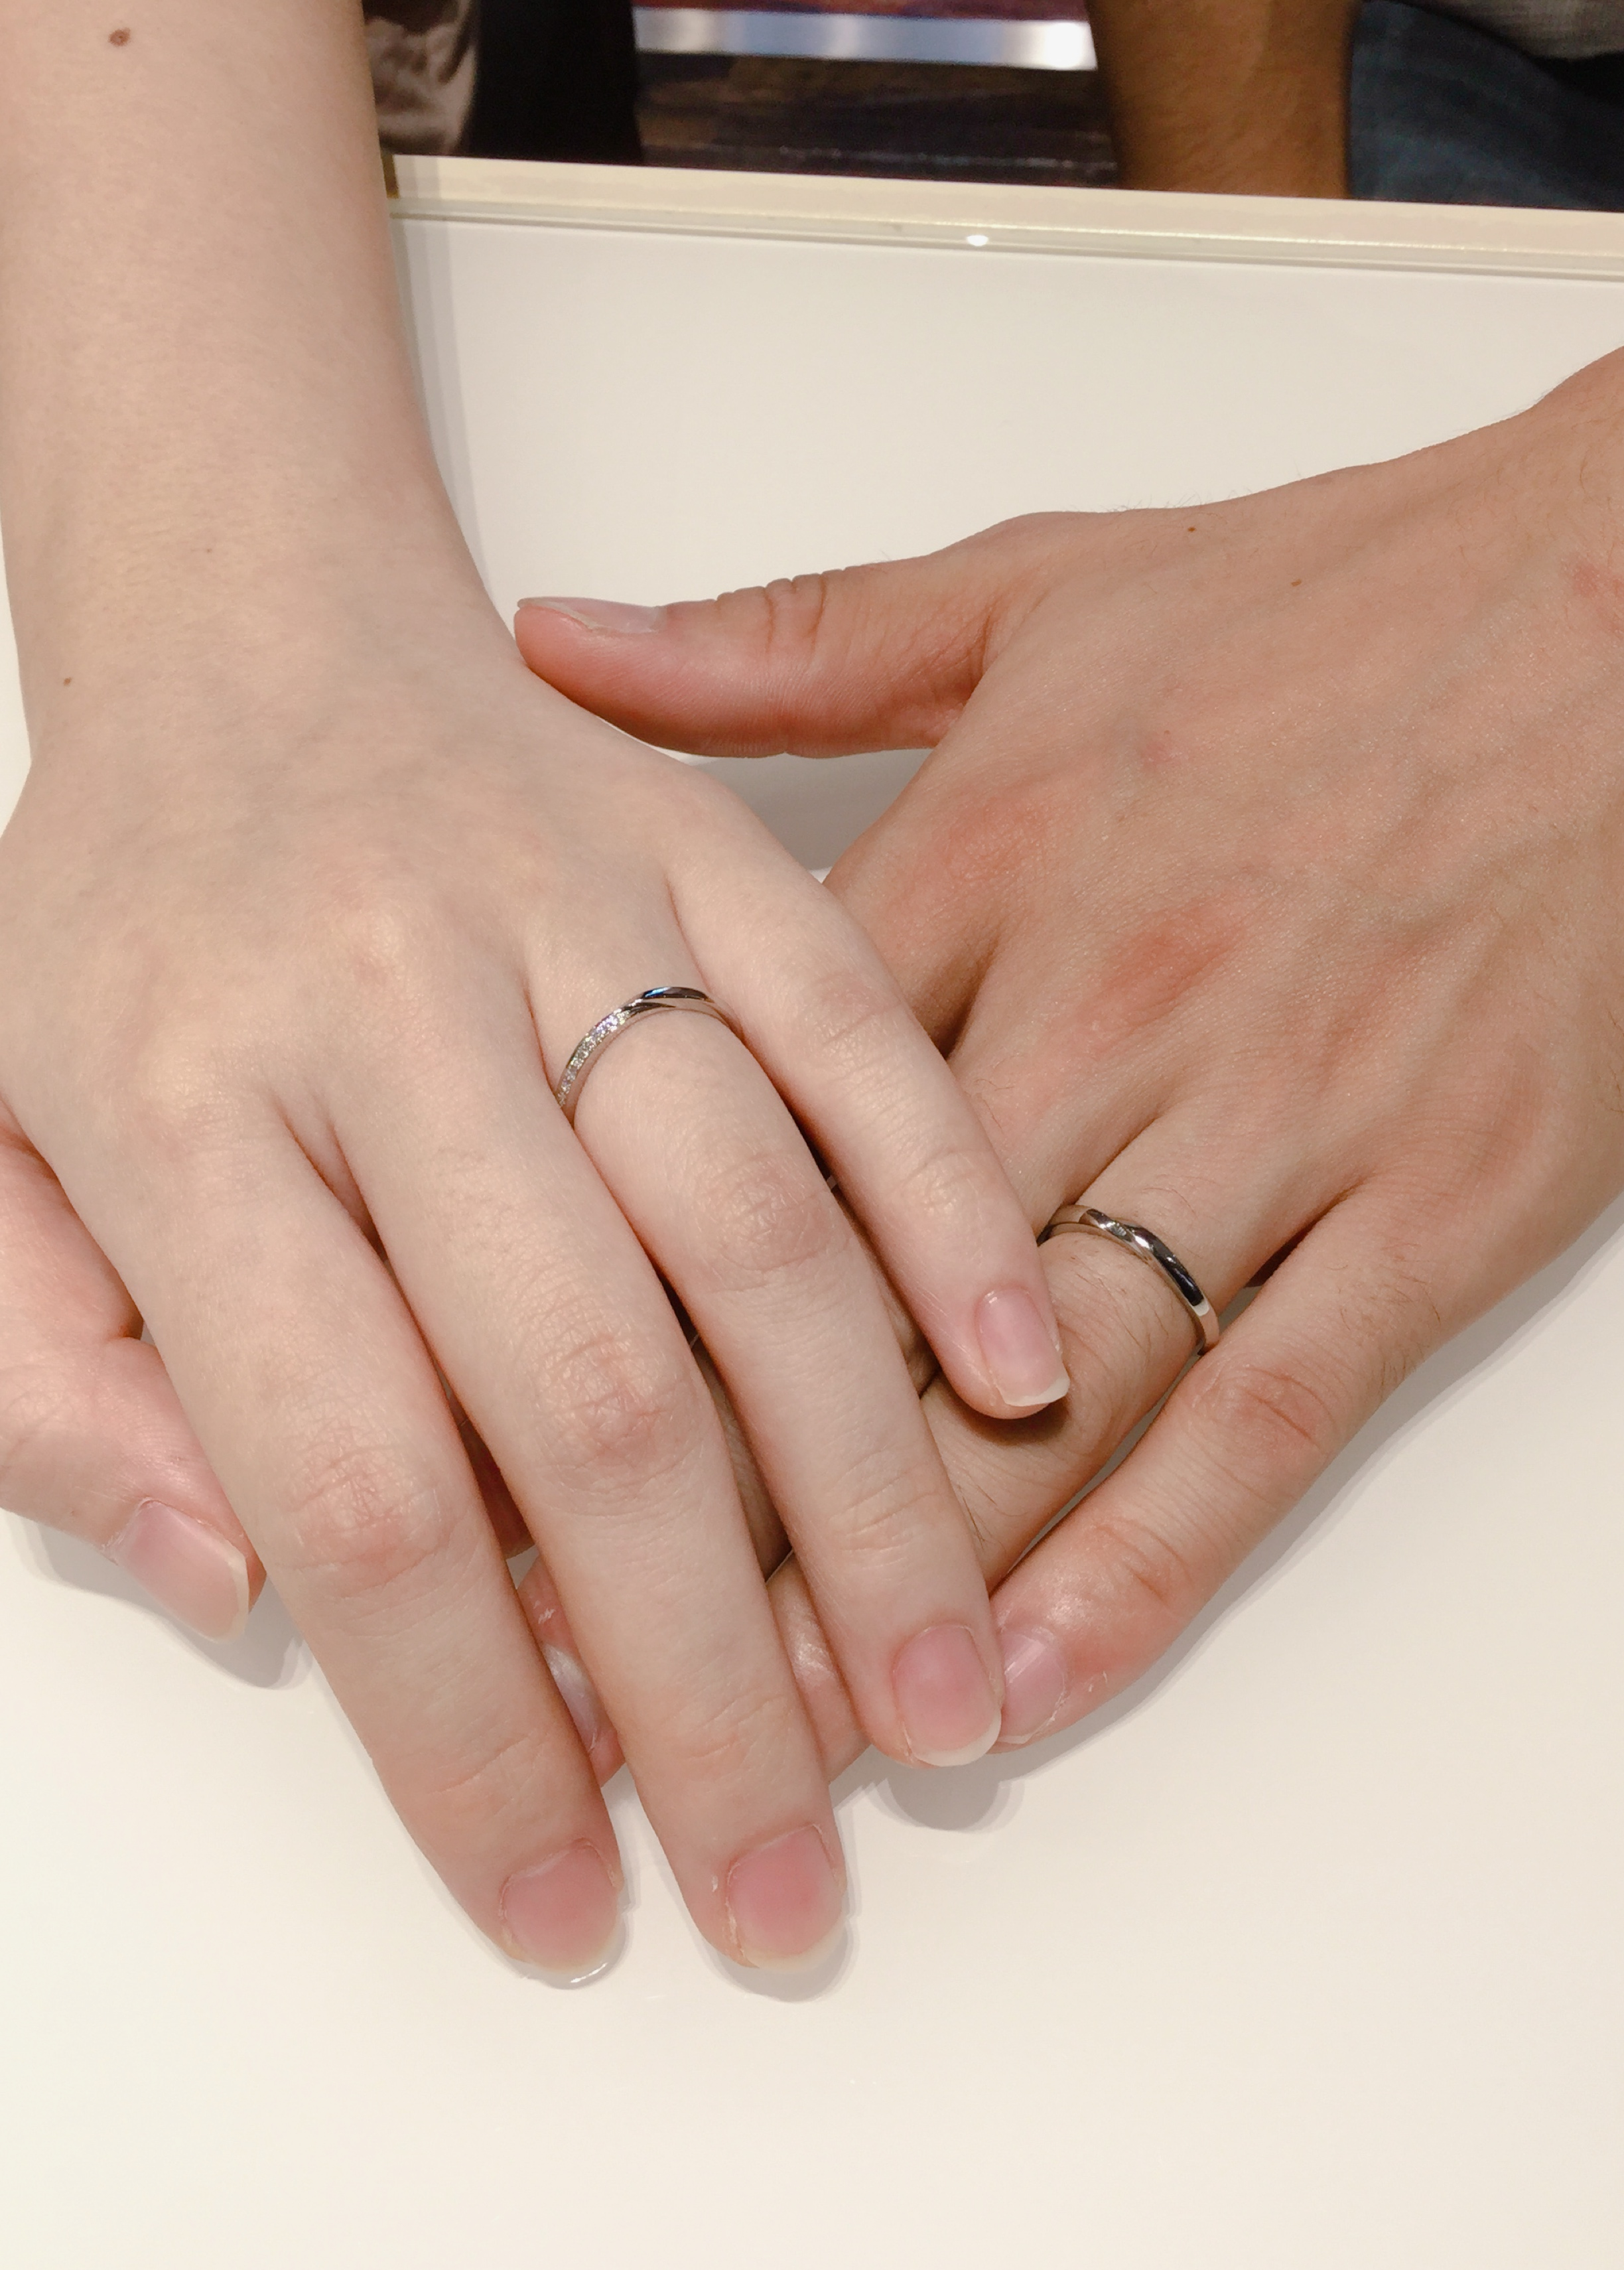 俄のシンプルな結婚指輪 お客様フォト せせらぎ